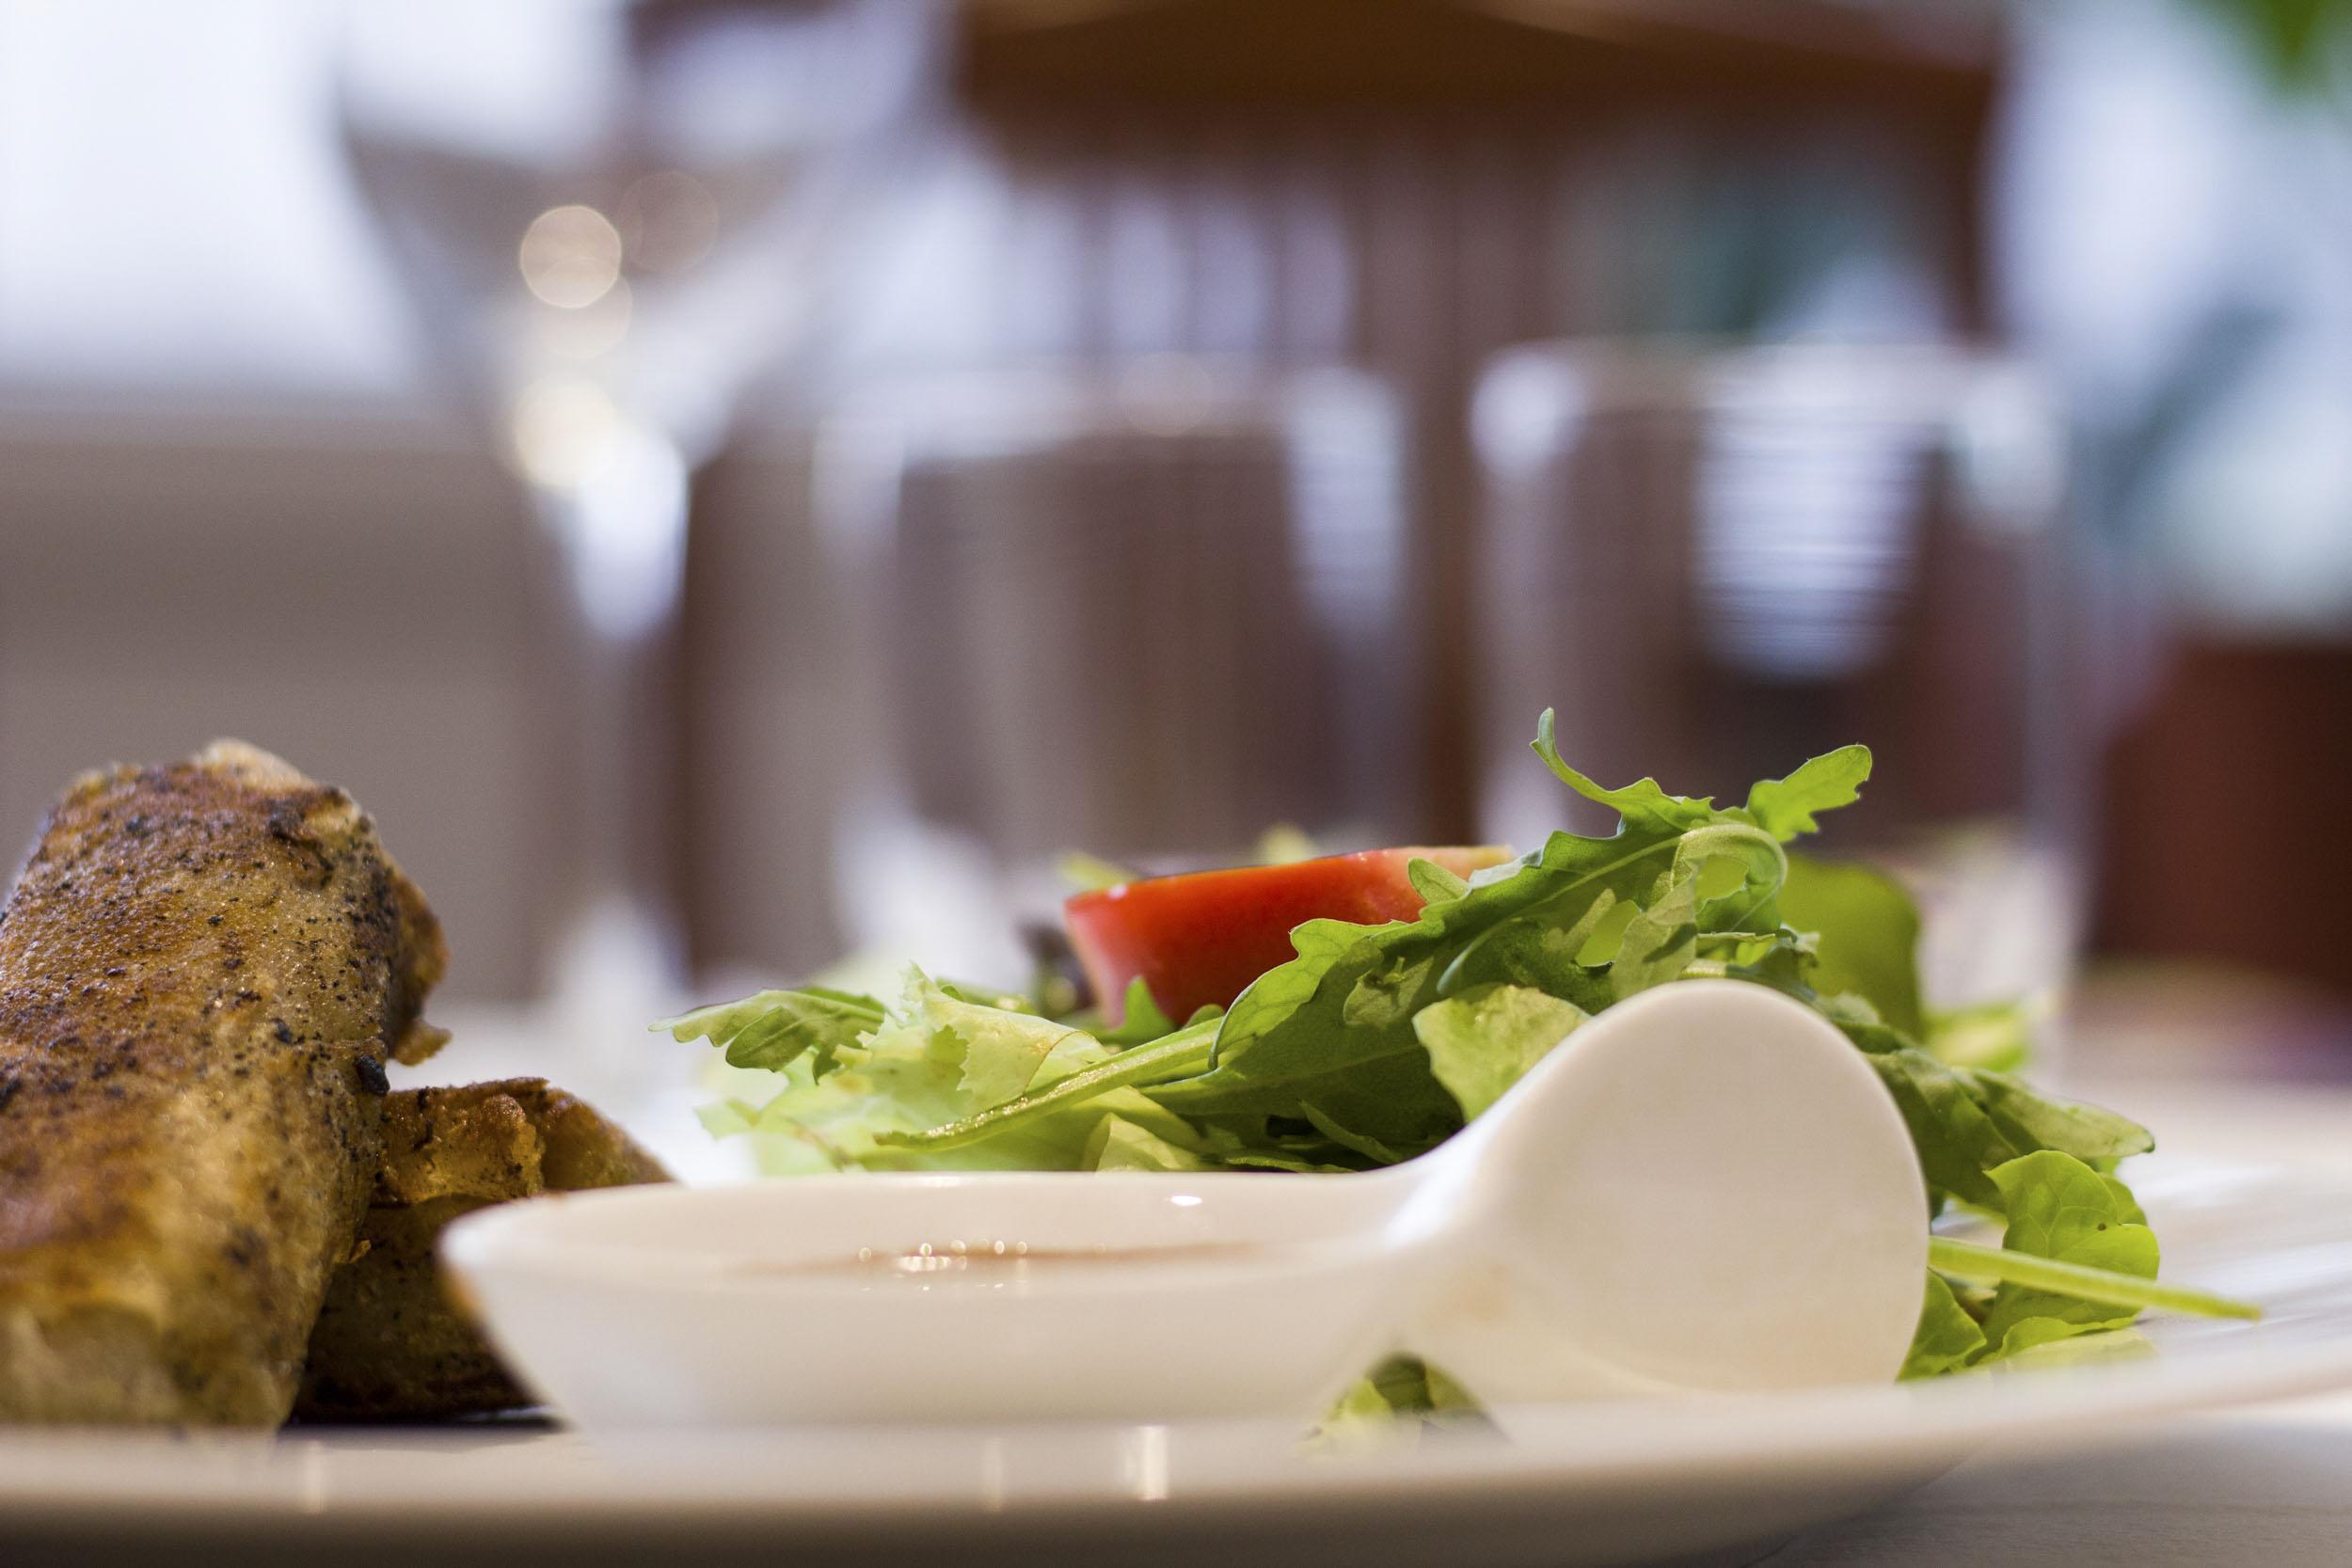 photographie culinaire-foodporn-photographe culinaire-Lourdes-Tarbes-pau-dégustation visuelle-pain